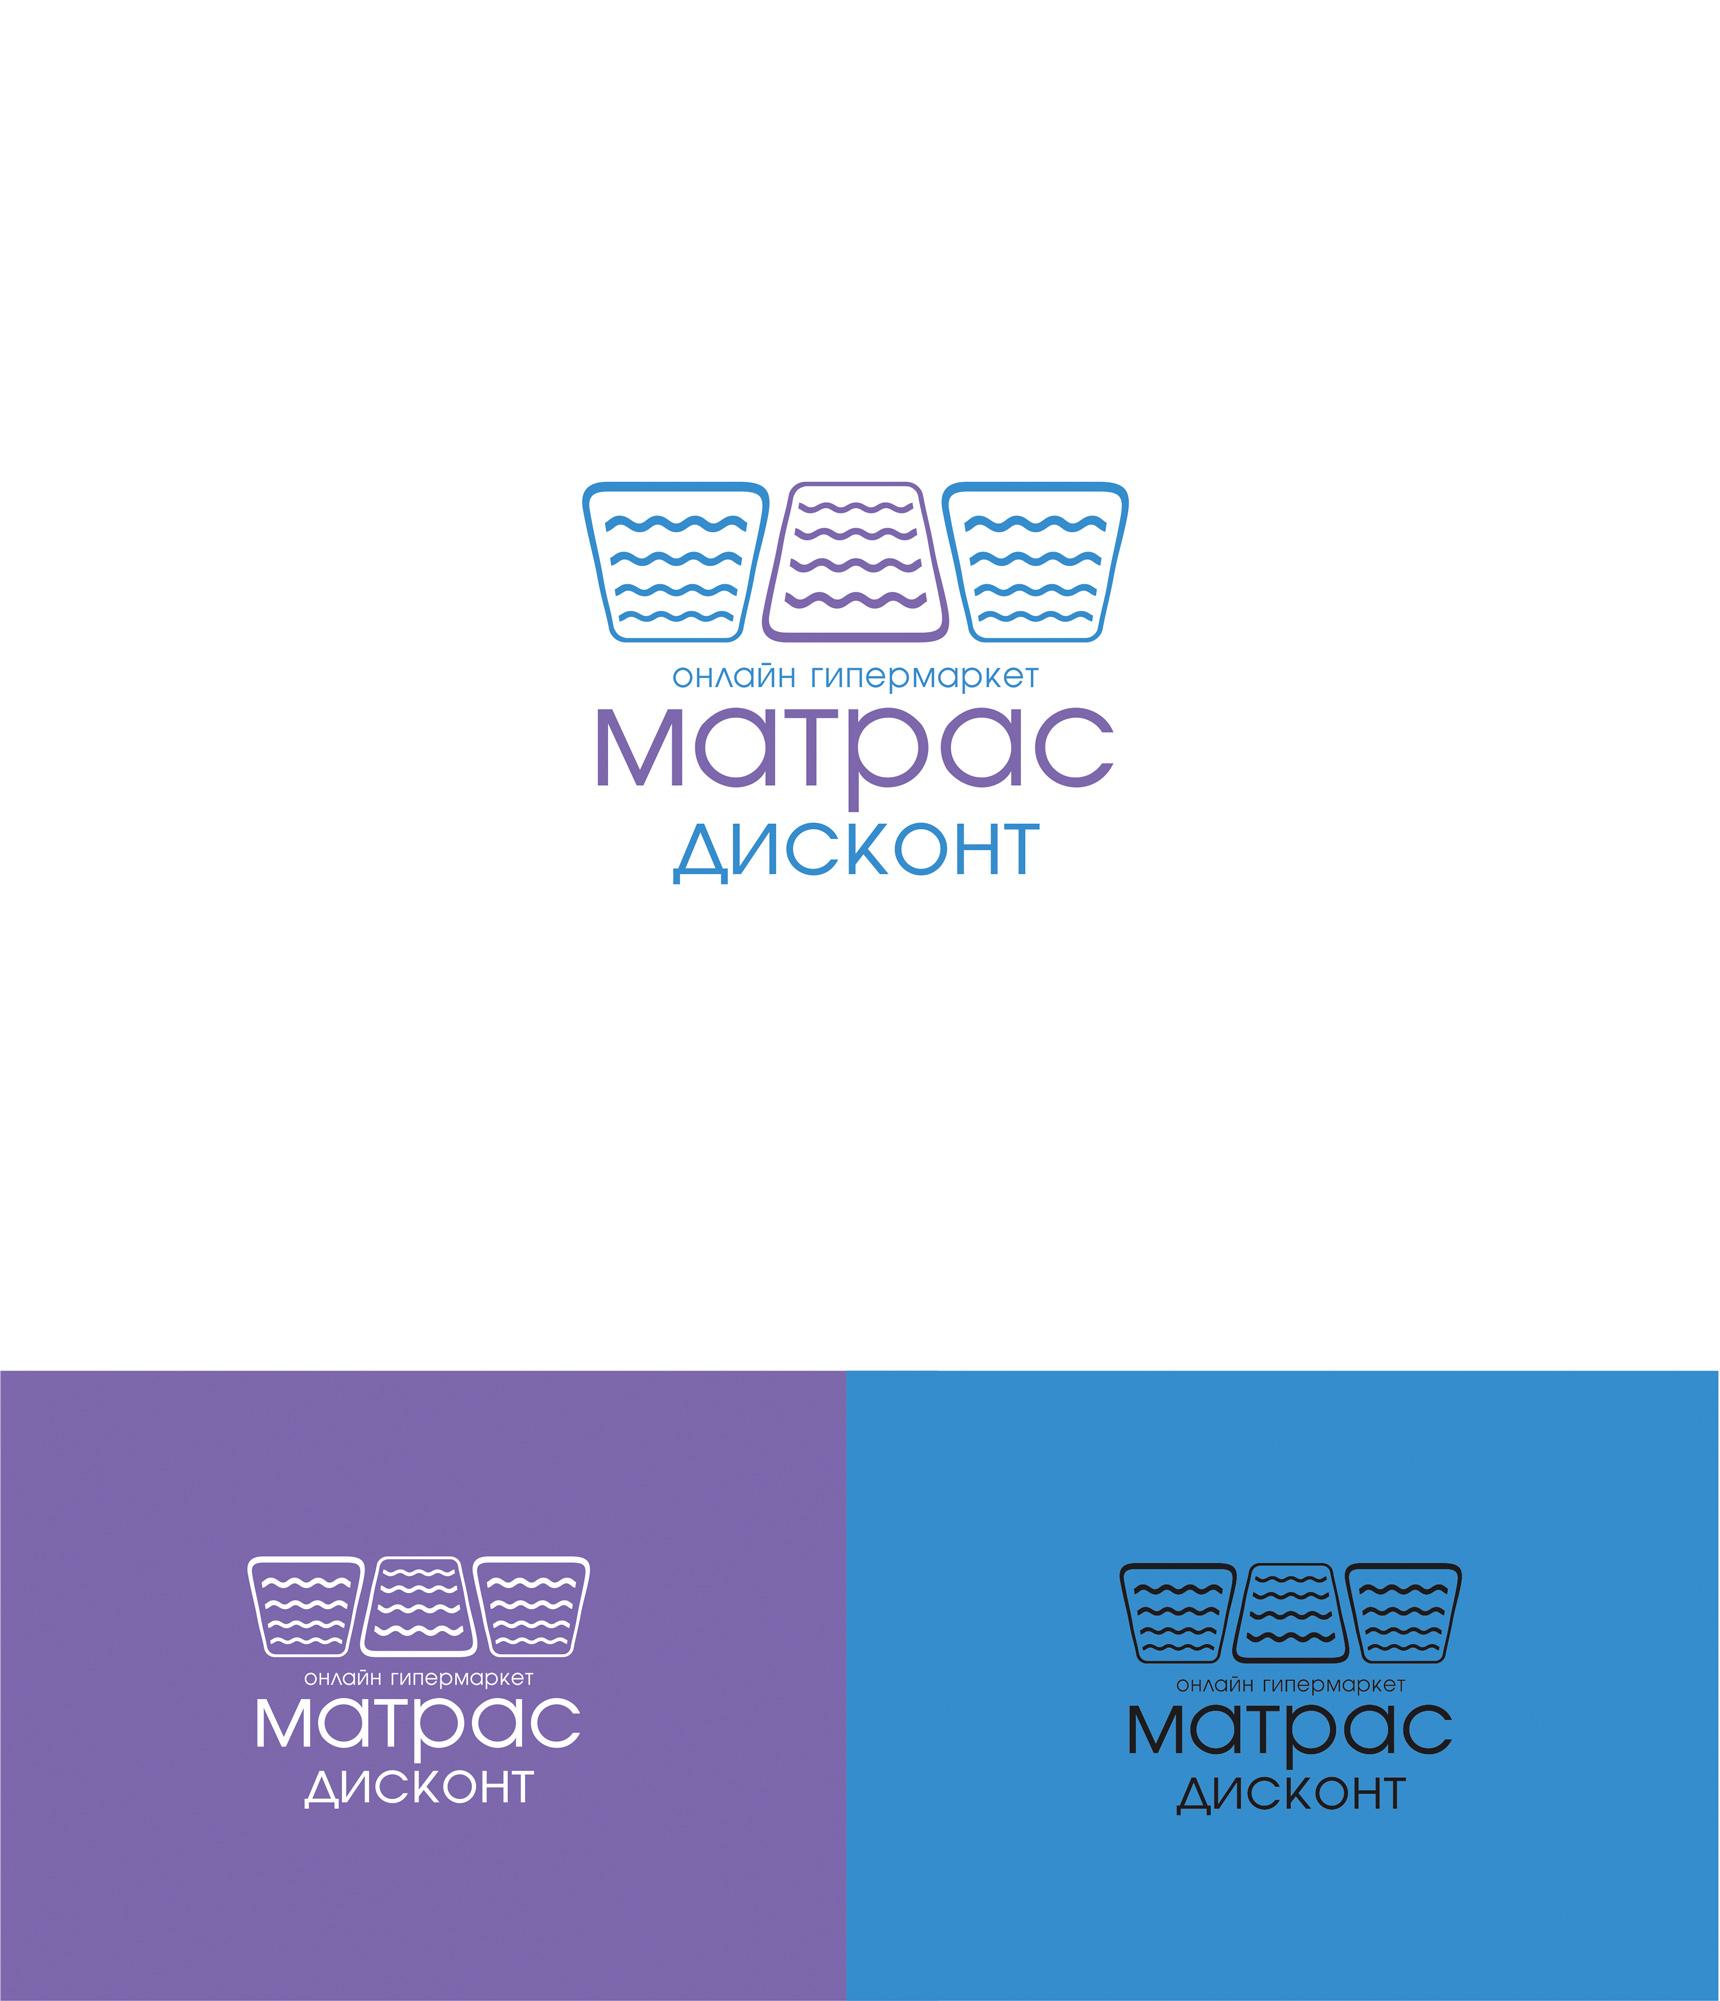 Логотип для ИМ матрасов фото f_4065c87fbe03d6c2.jpg